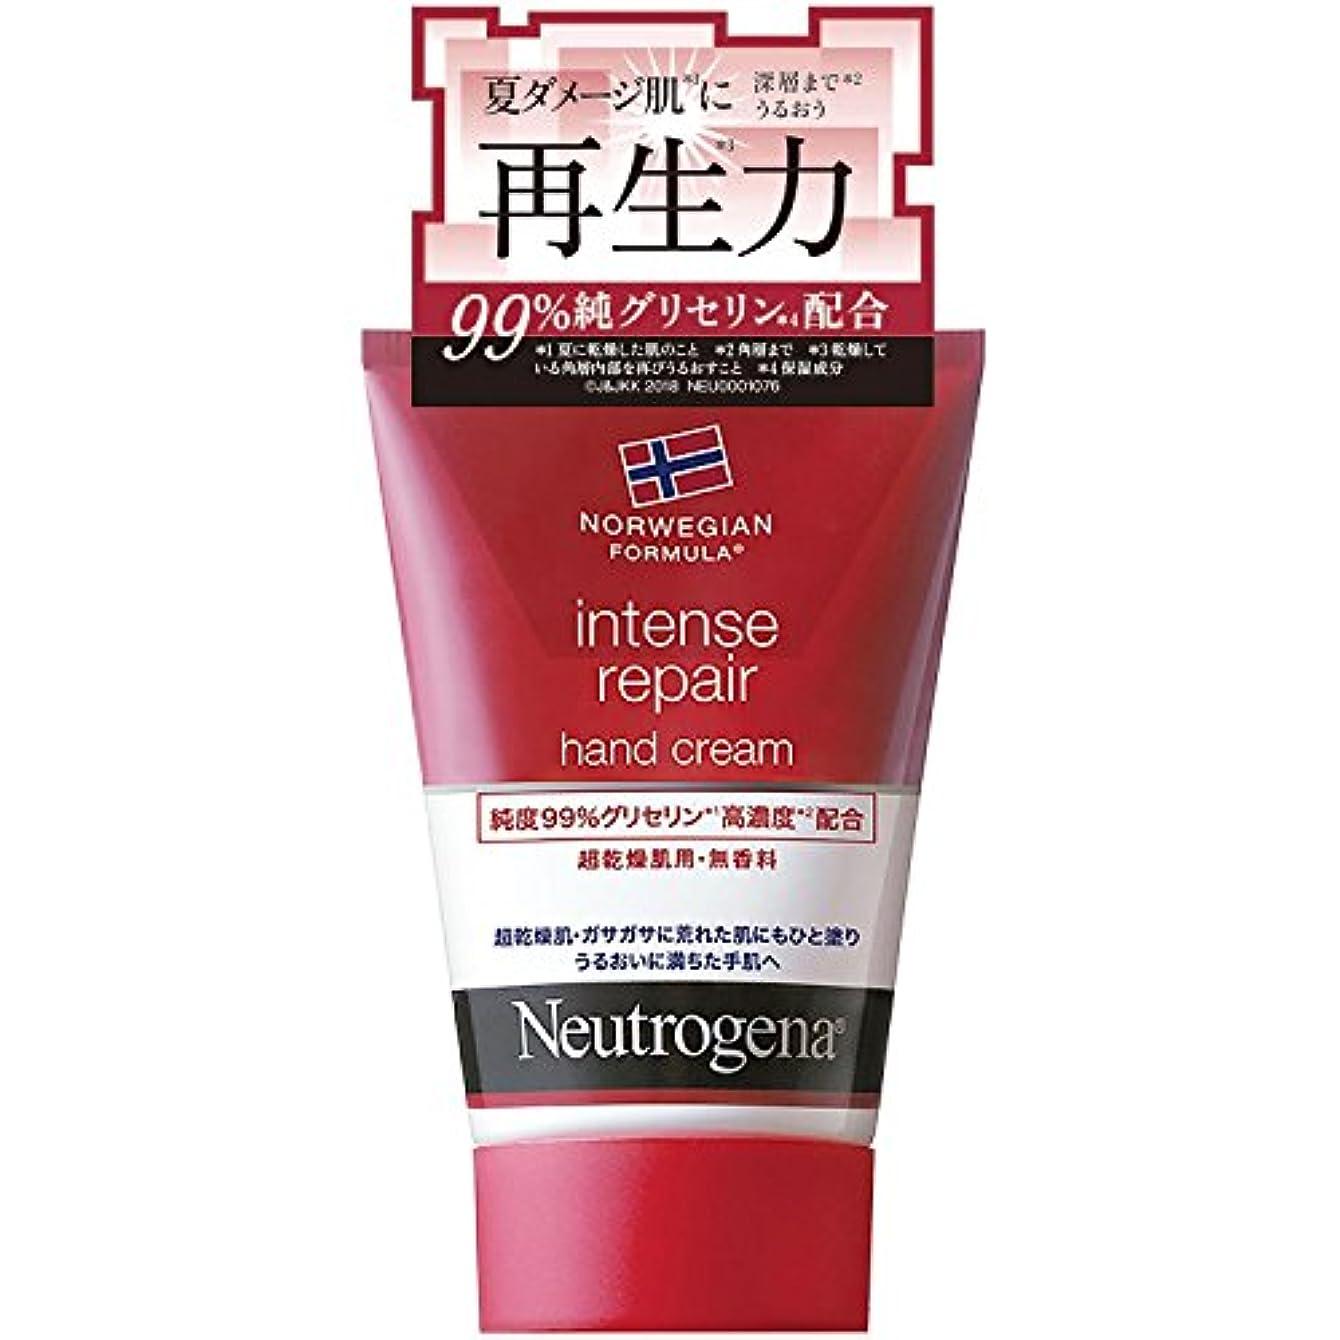 インタフェースも遷移Neutrogena(ニュートロジーナ) ノルウェーフォーミュラ インテンスリペア ハンドクリーム 超乾燥肌用 無香料 単品 50g